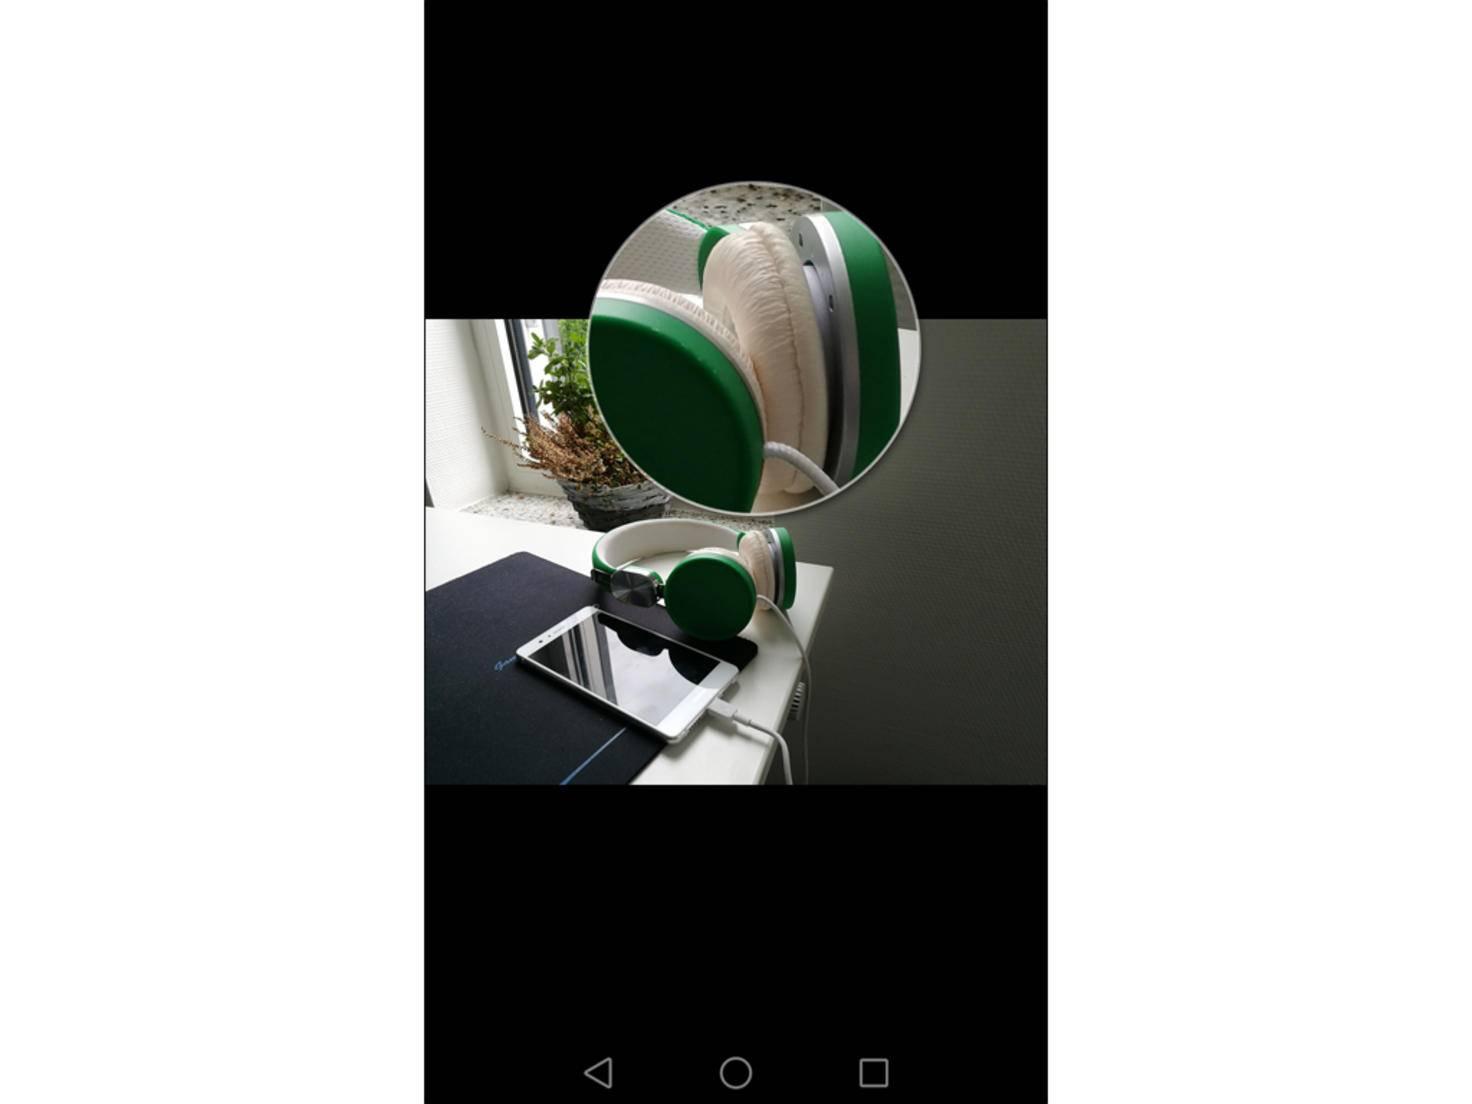 Huawei P9 Plus Screenshot 1